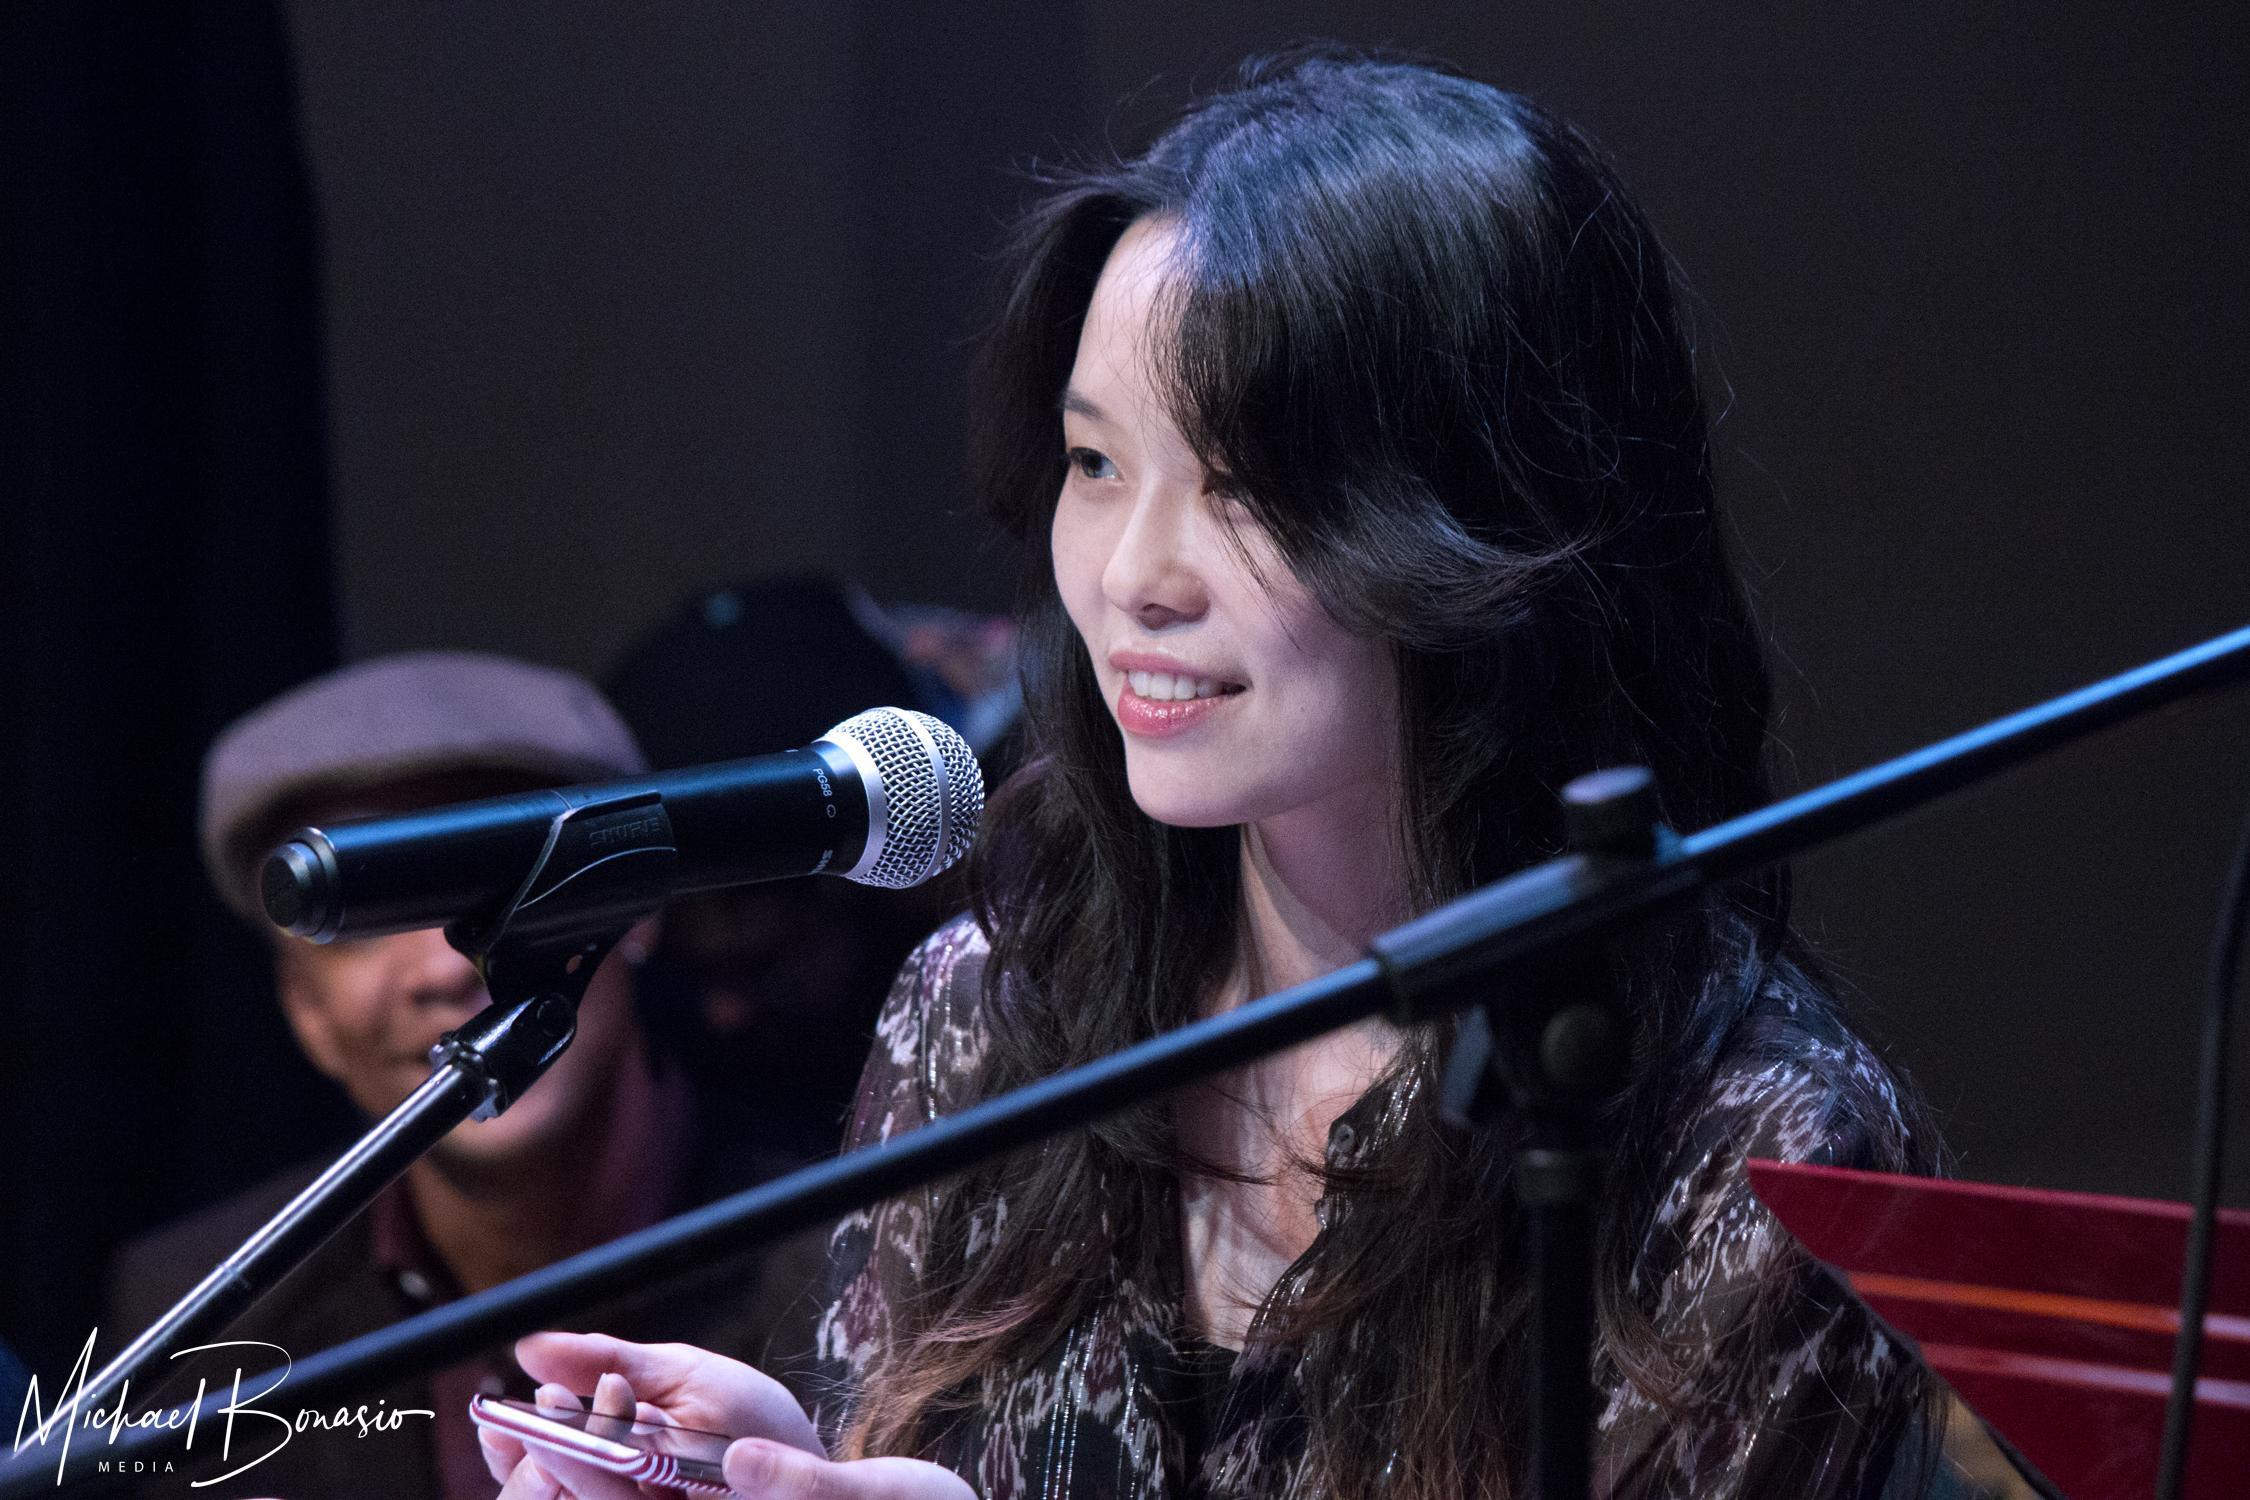 Hyeyoung Kim*